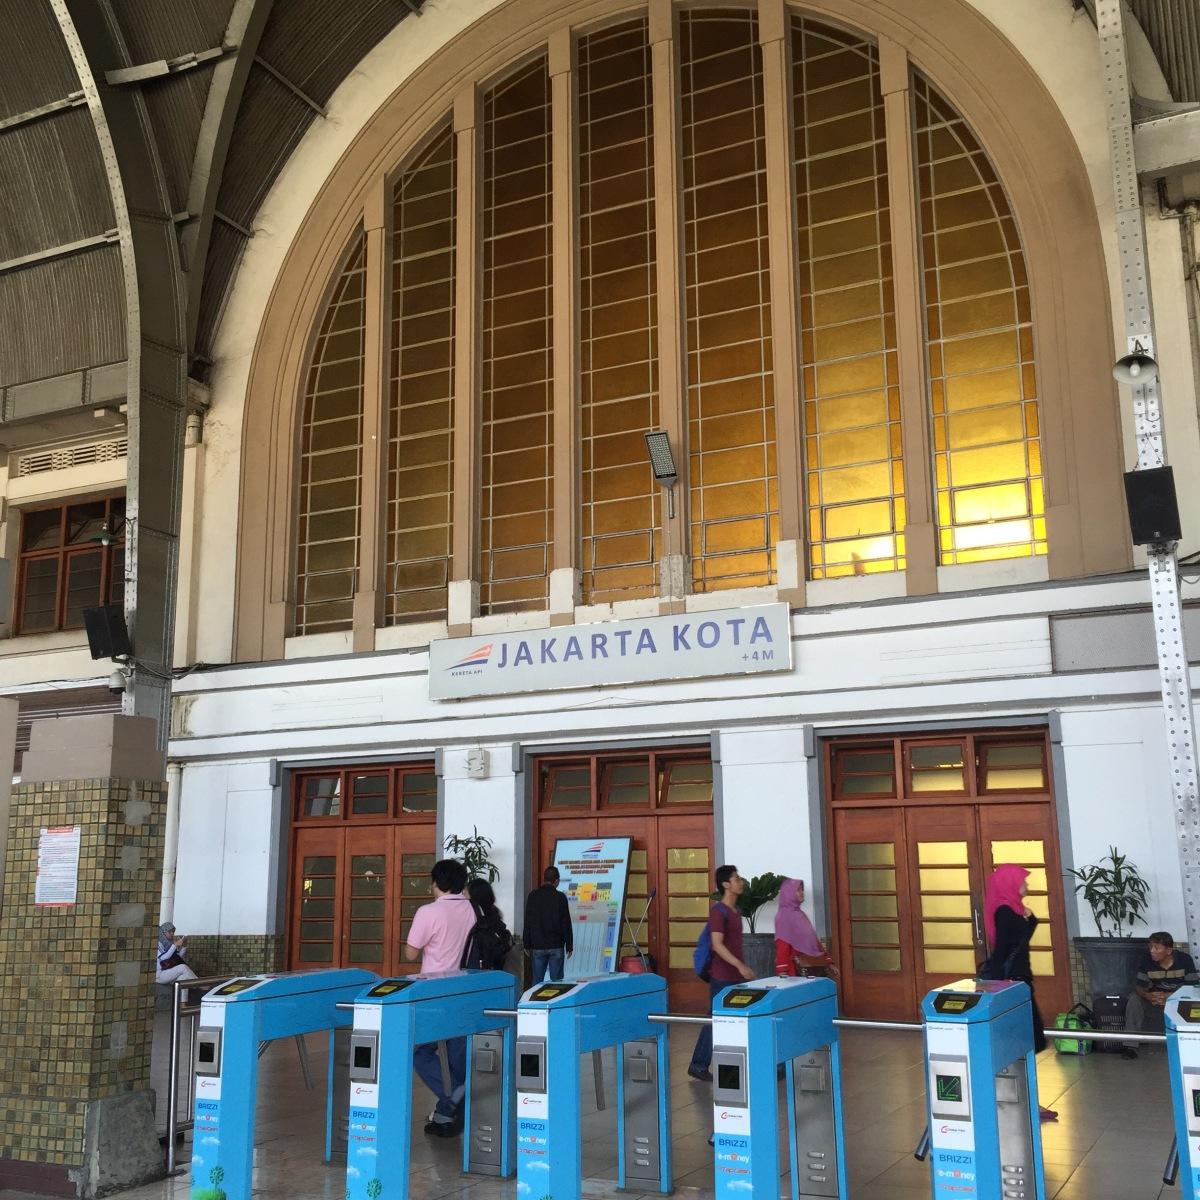 Being a tourist in…Jakarta!